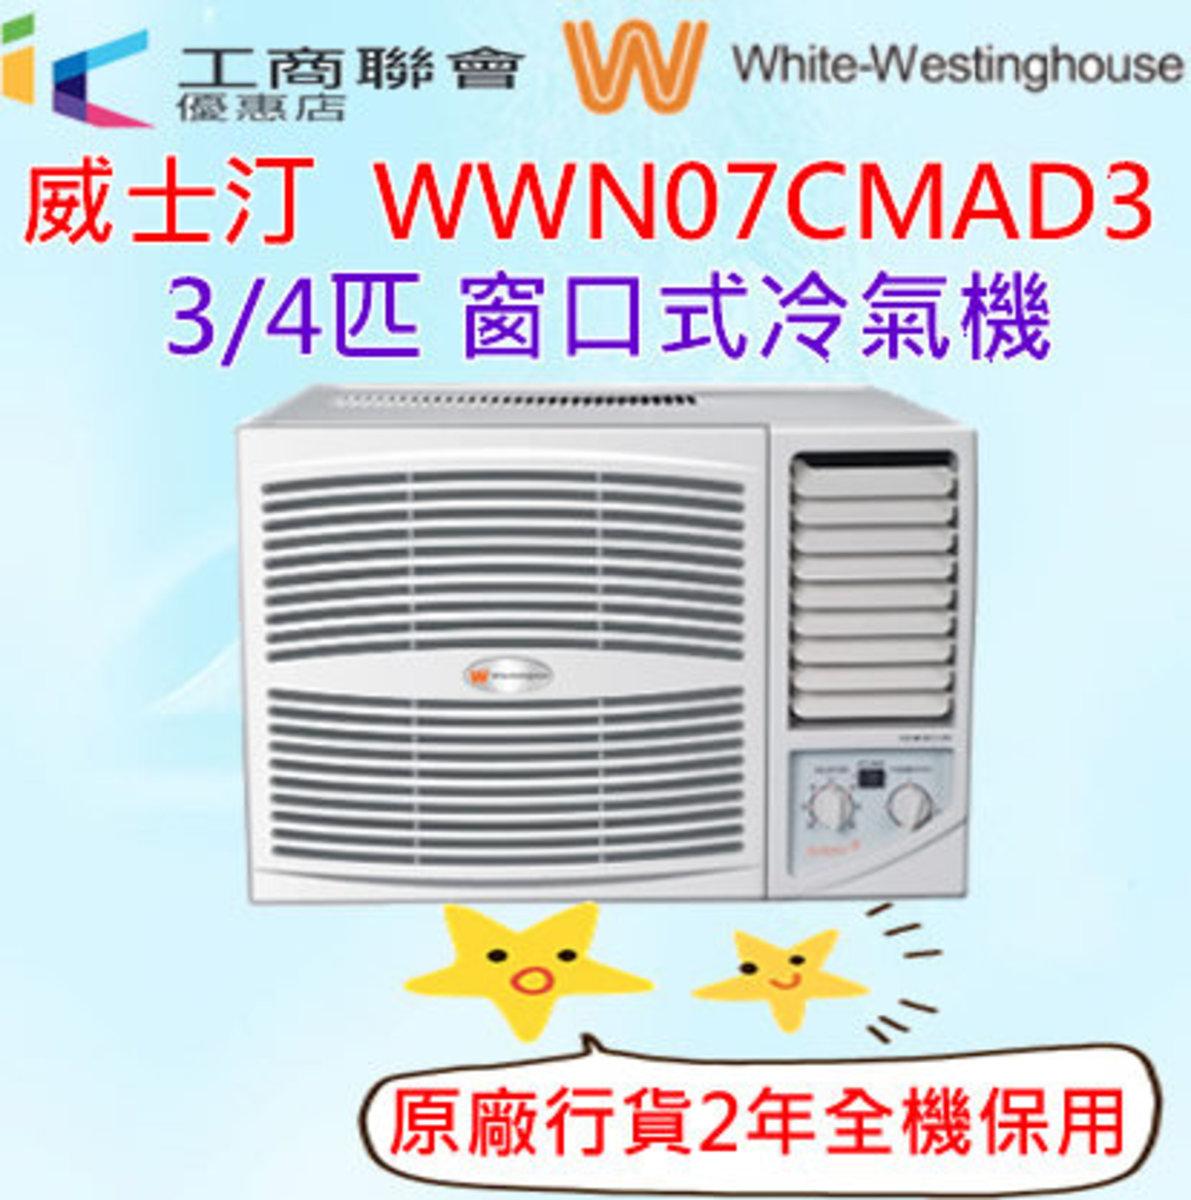 WWN07CMAD3    3/4匹淨冷窗口式冷氣機(免費除舊服務)